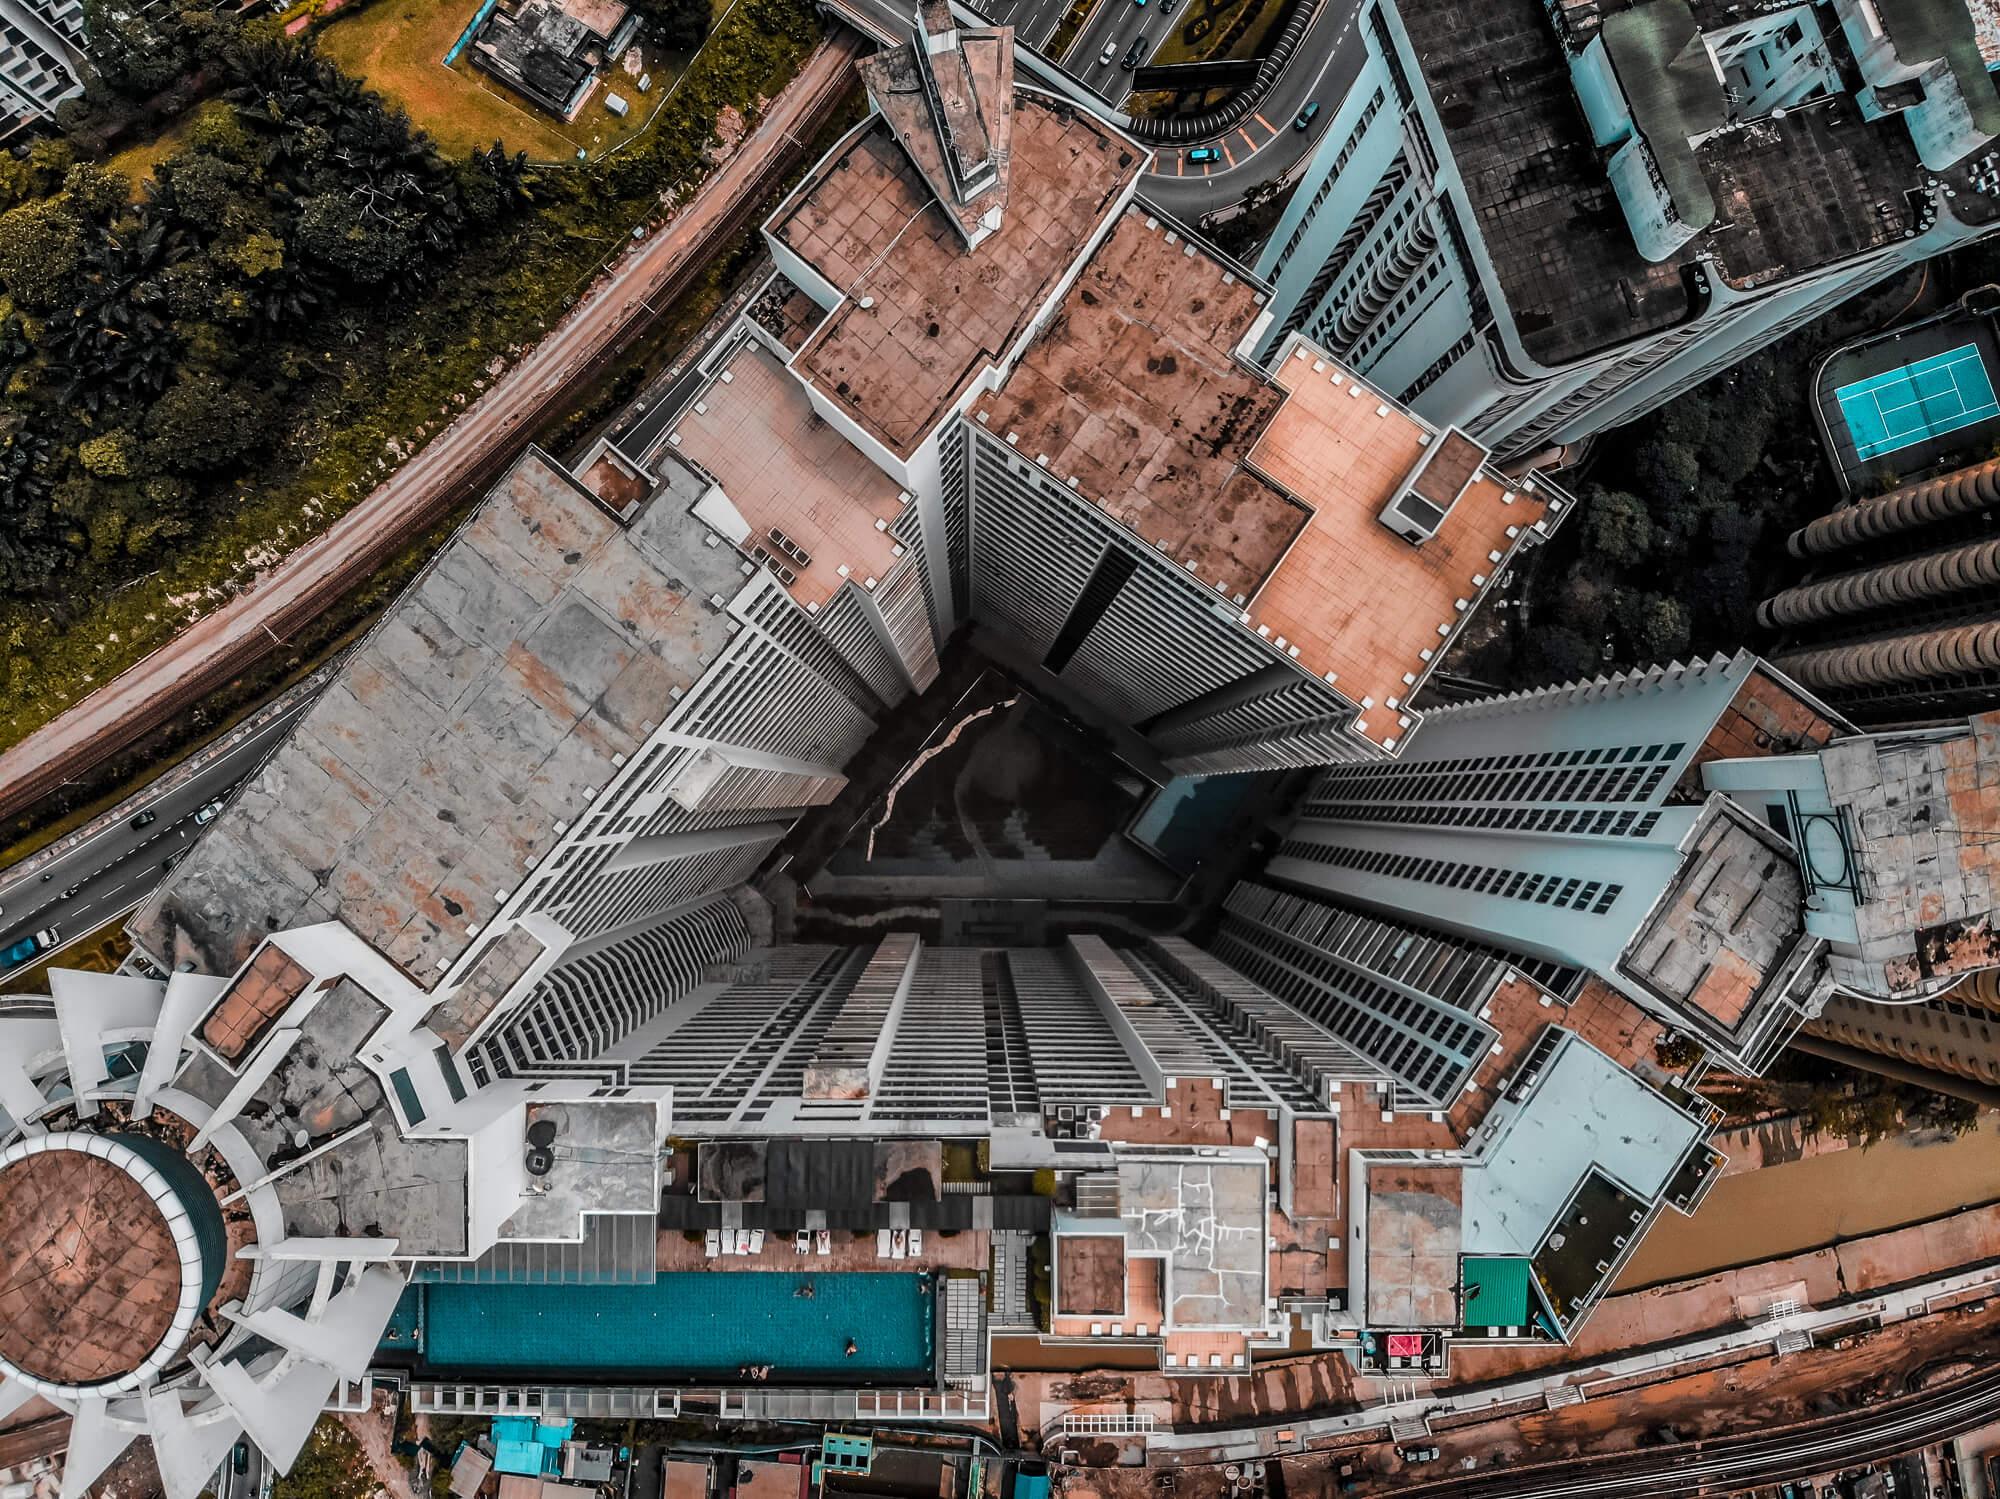 Kuala Lumpur, citytrip, bruisende stad, youngwildfree, reisblog, ervaring, tips, reistips, bezienswaardigheden, wat te doen in Kuala Lumpur, Wat te zien in Kuala Lumpur,